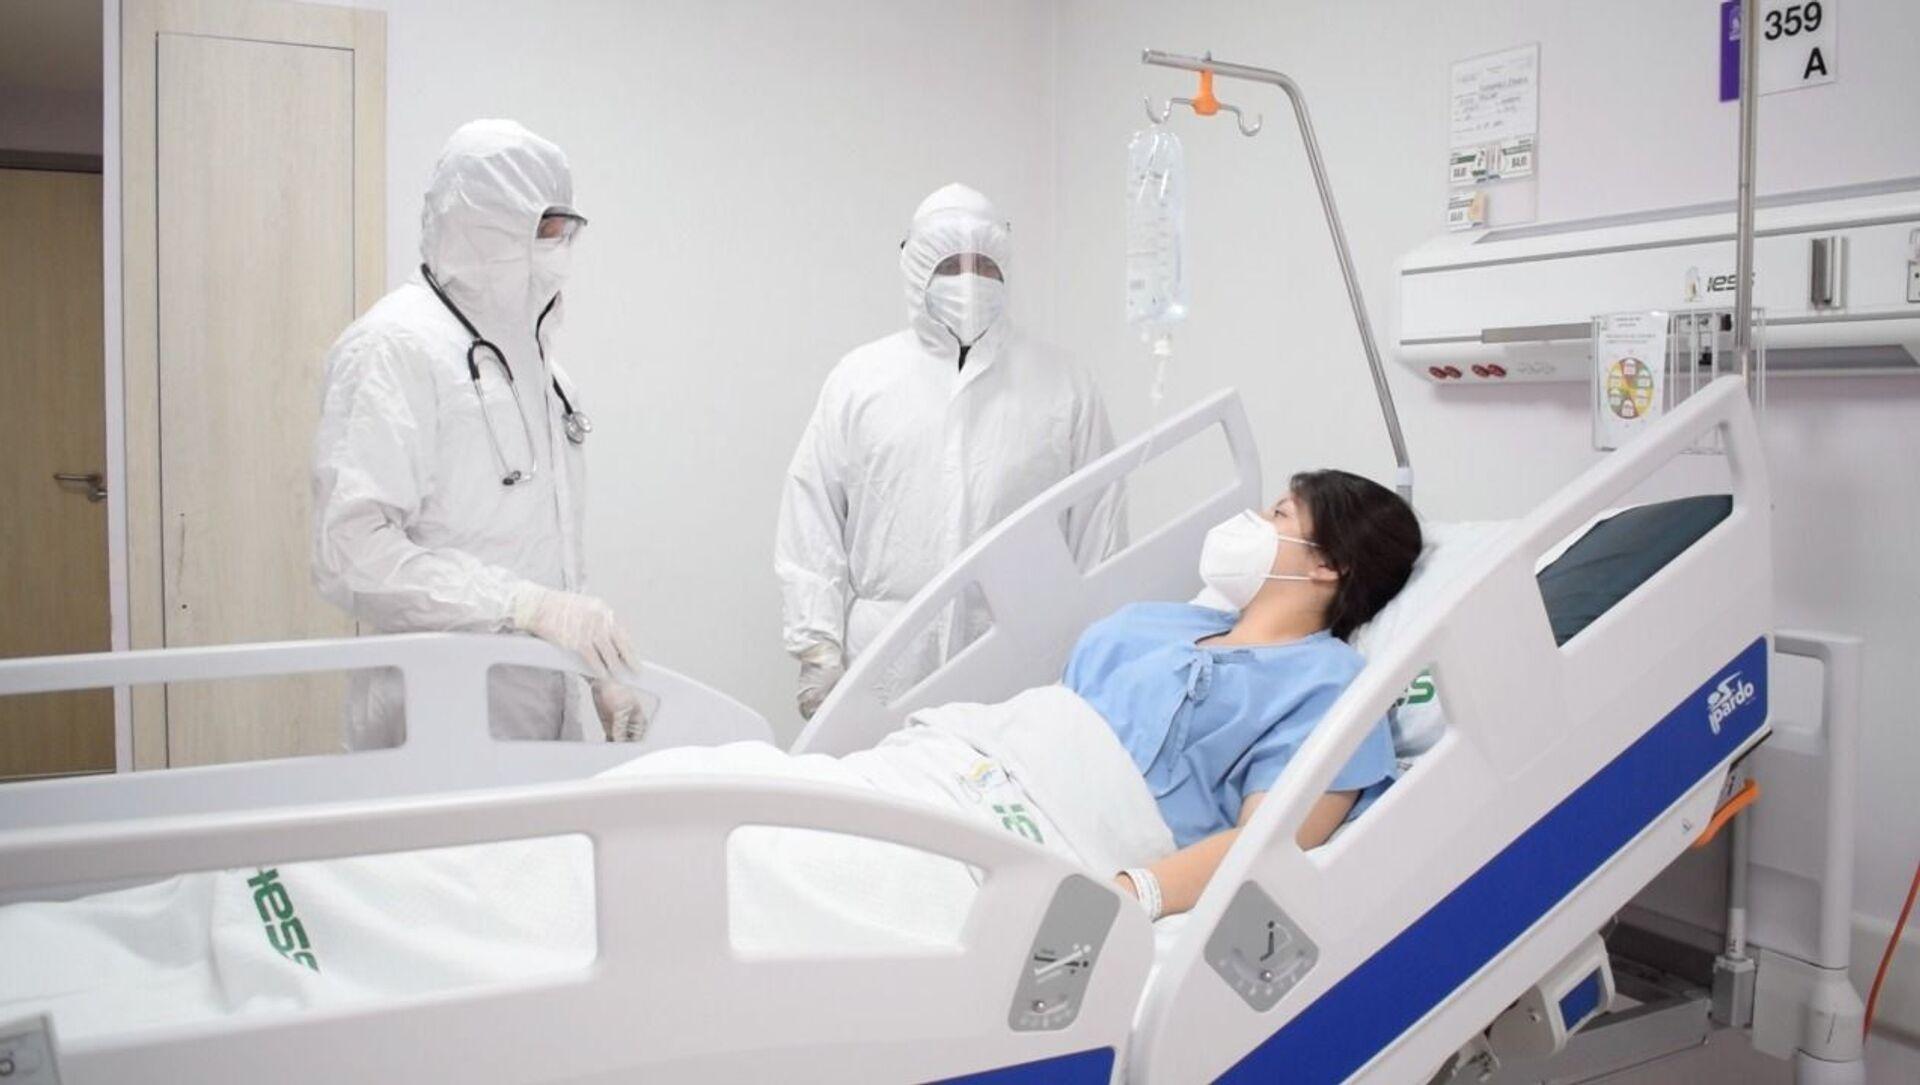 Foto interna del hospital: sala de internación de pacientes con COVID-19 del hospital del IESS - Sputnik Mundo, 1920, 04.02.2021